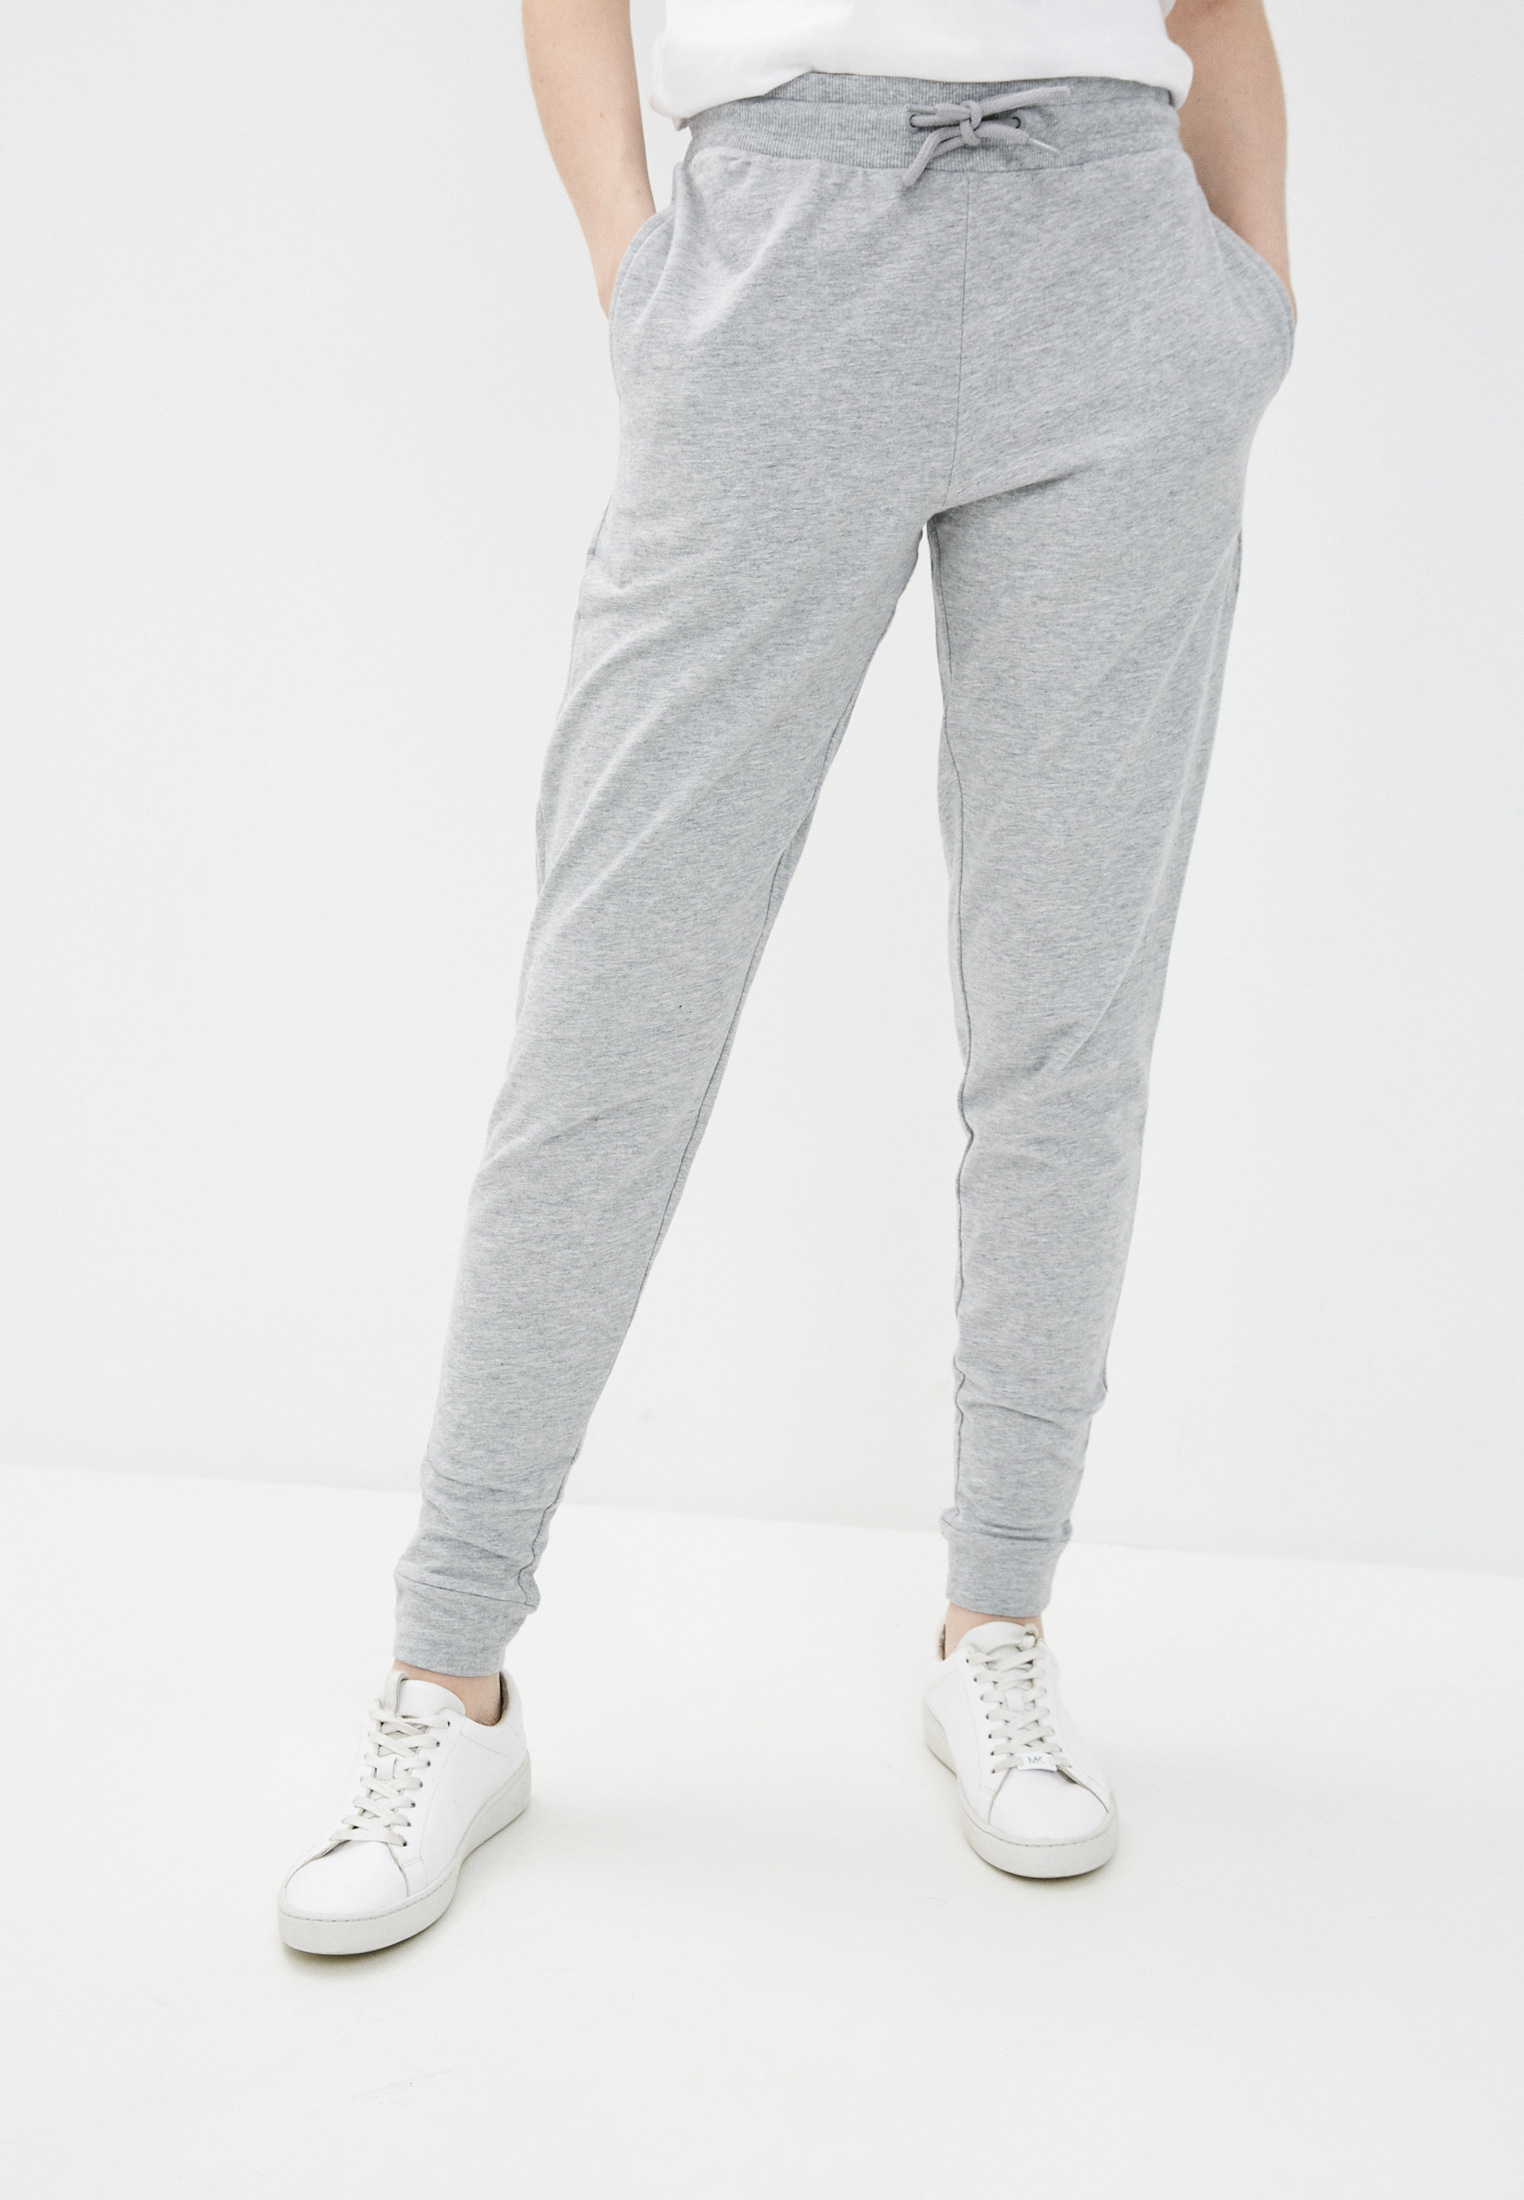 Женские домашние брюки Tommy Hilfiger (Томми Хилфигер) UW0UW01924: изображение 1